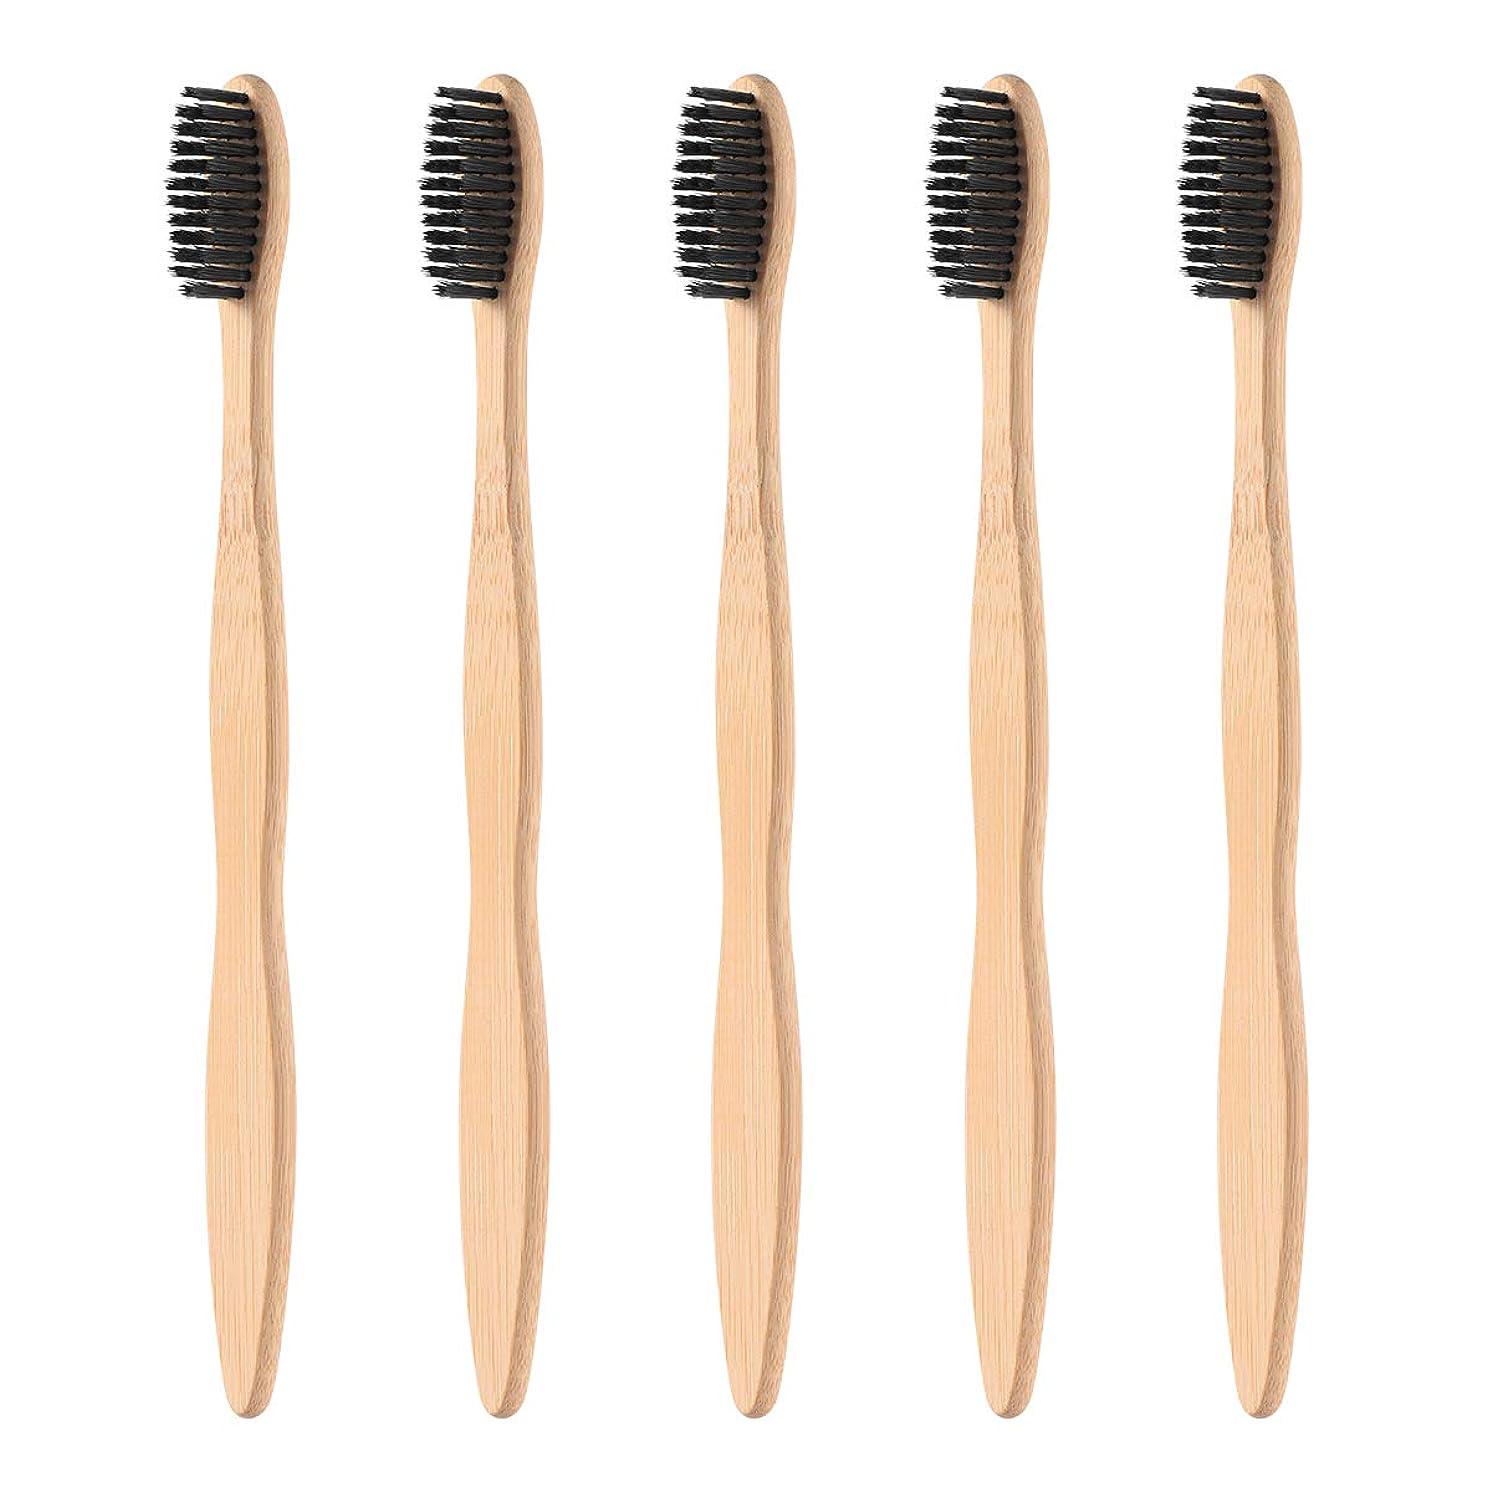 拳ラオス人多用途Healifty 柔らかい黒い剛毛が付いている5pcsタケハンドルの歯ブラシの自然な木のEcoの友好的な歯ブラシ